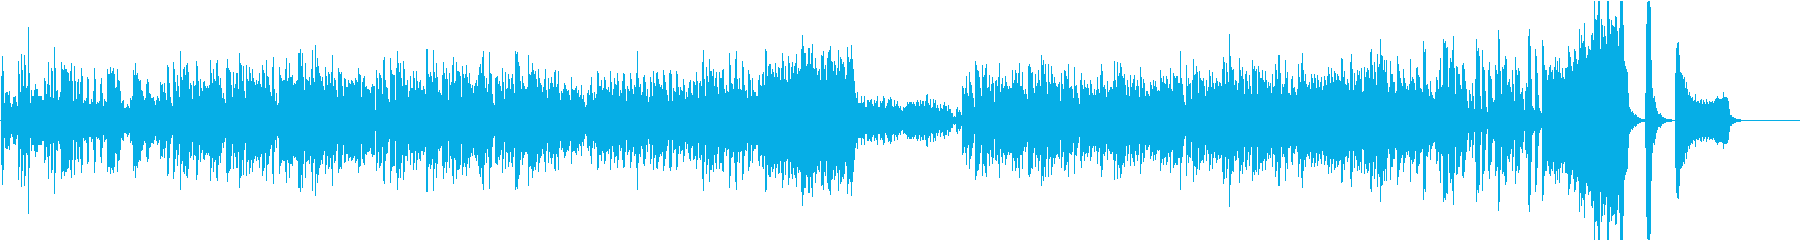 常に刻んでいるヴァイオリン学習曲/無窮動の再生済みの波形